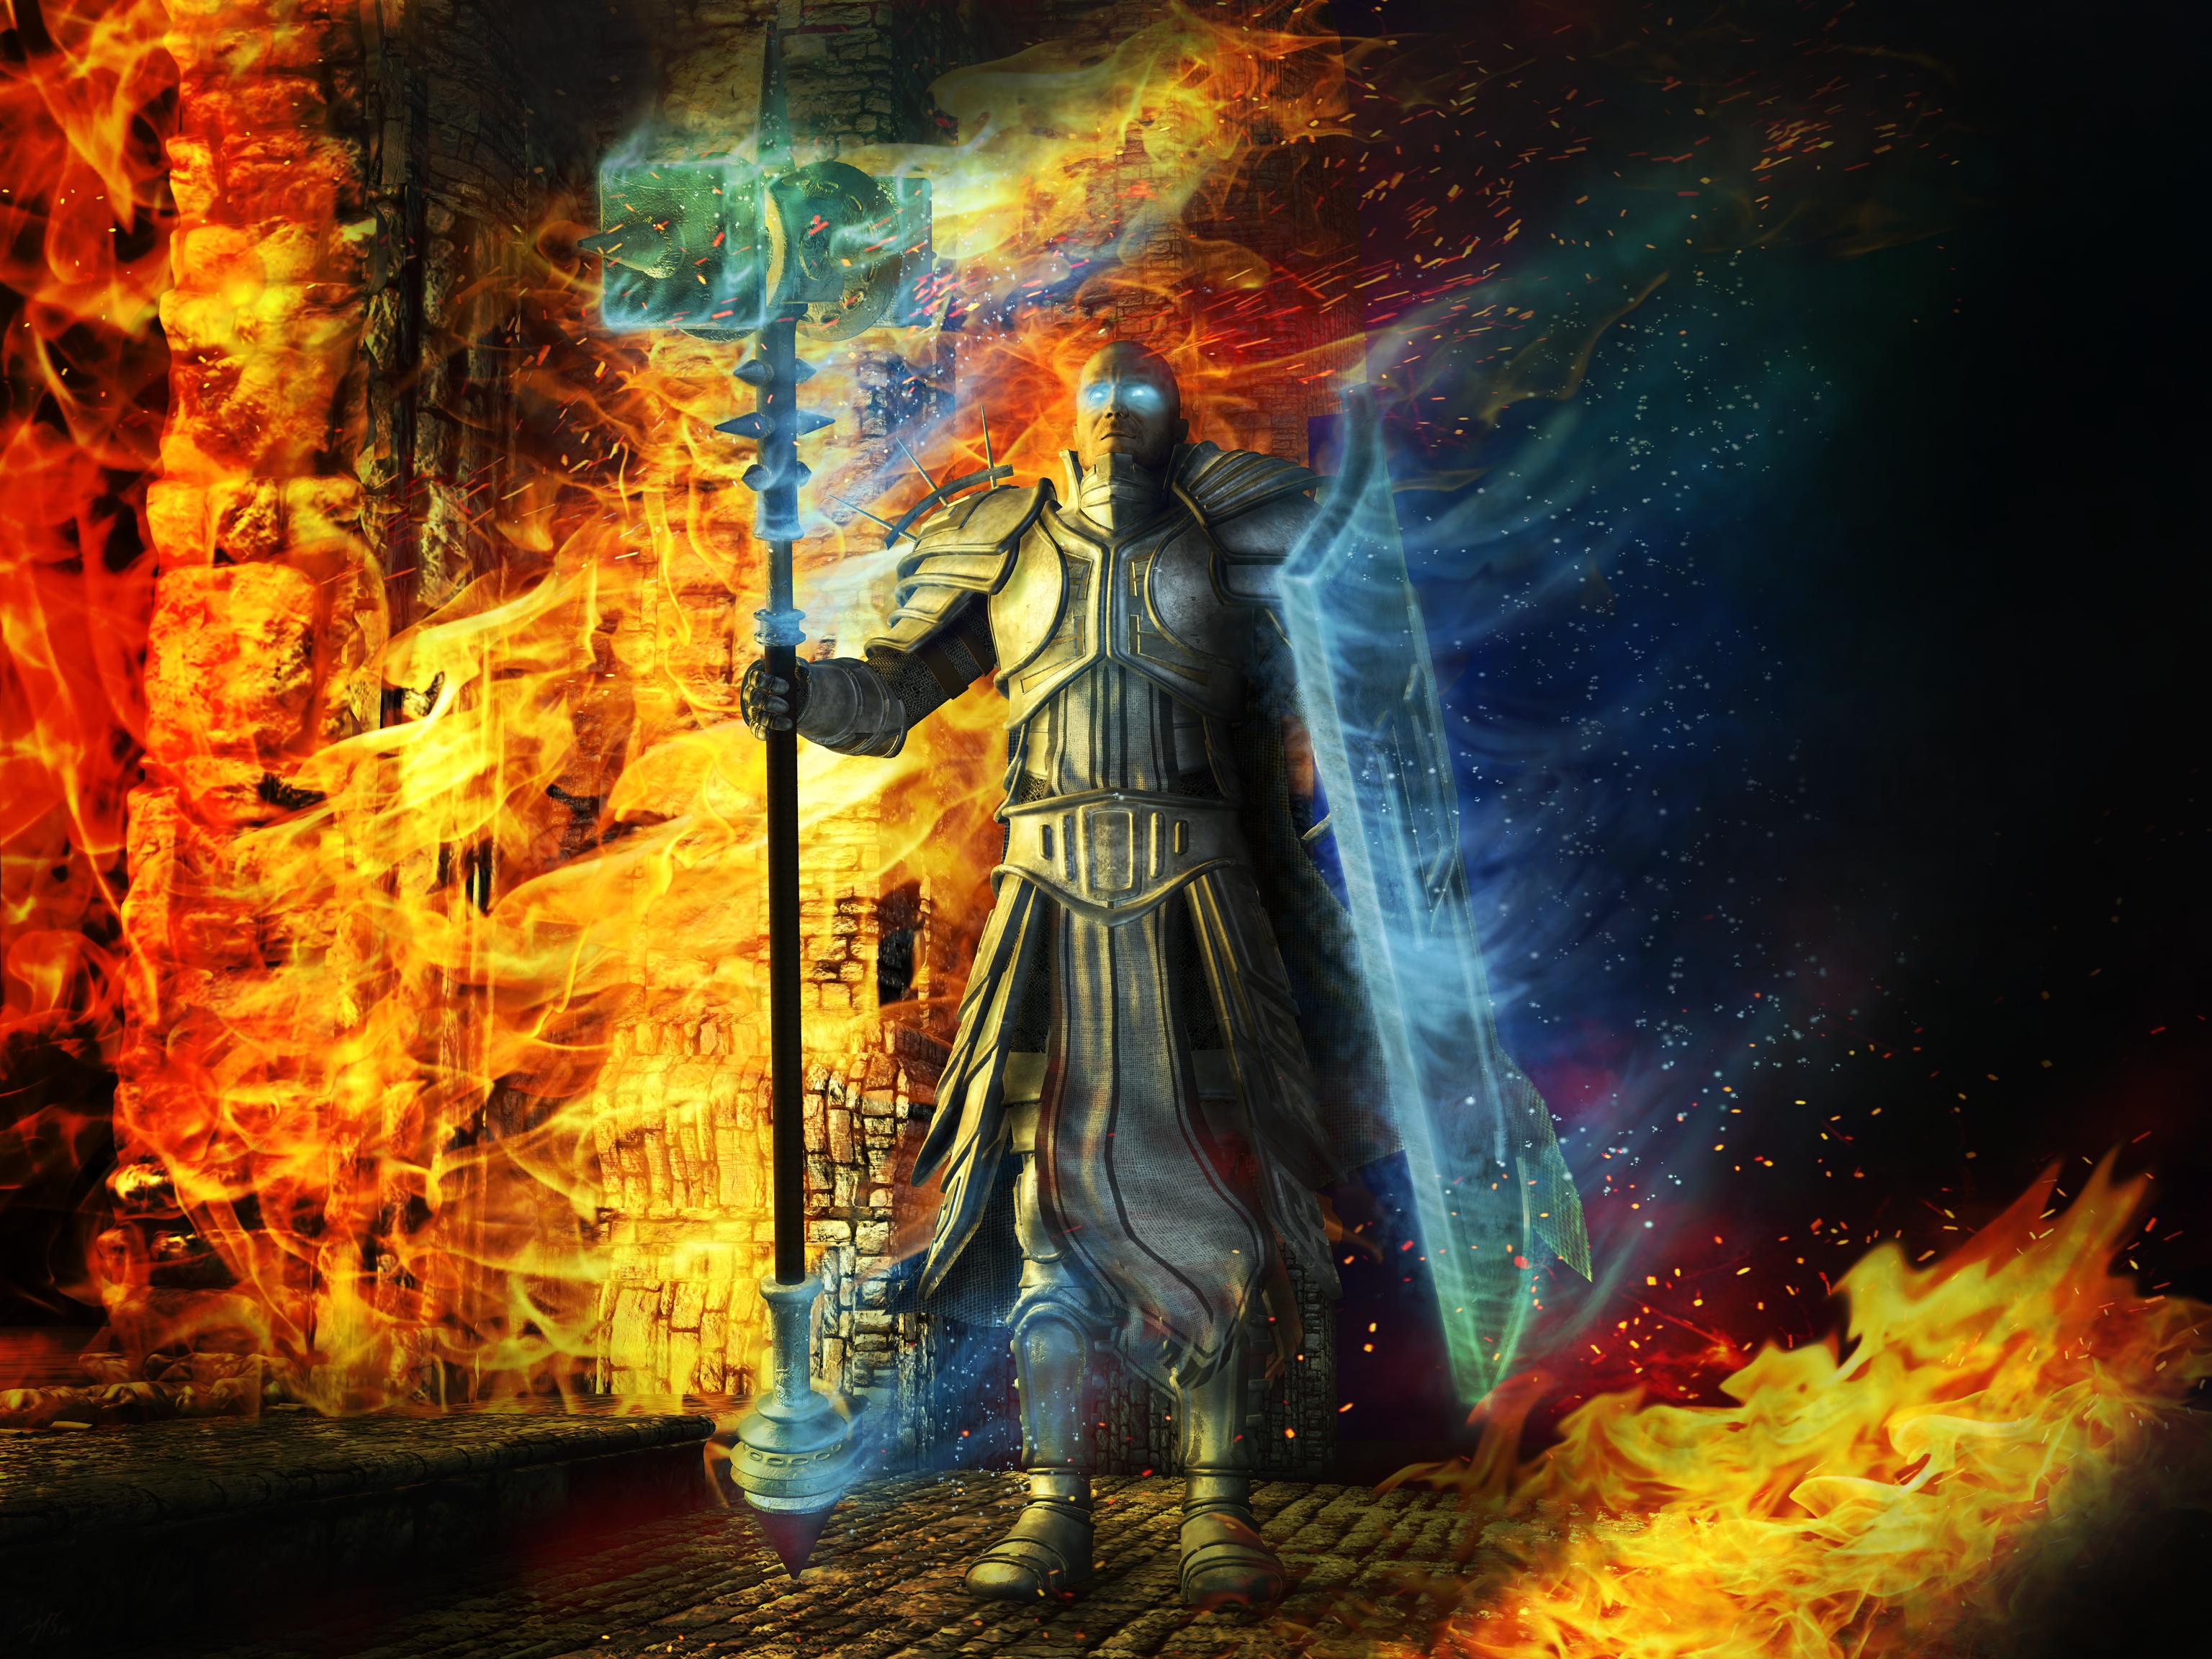 Diablo III: Reaper Of Souls Wallpapers, Pictures, Images